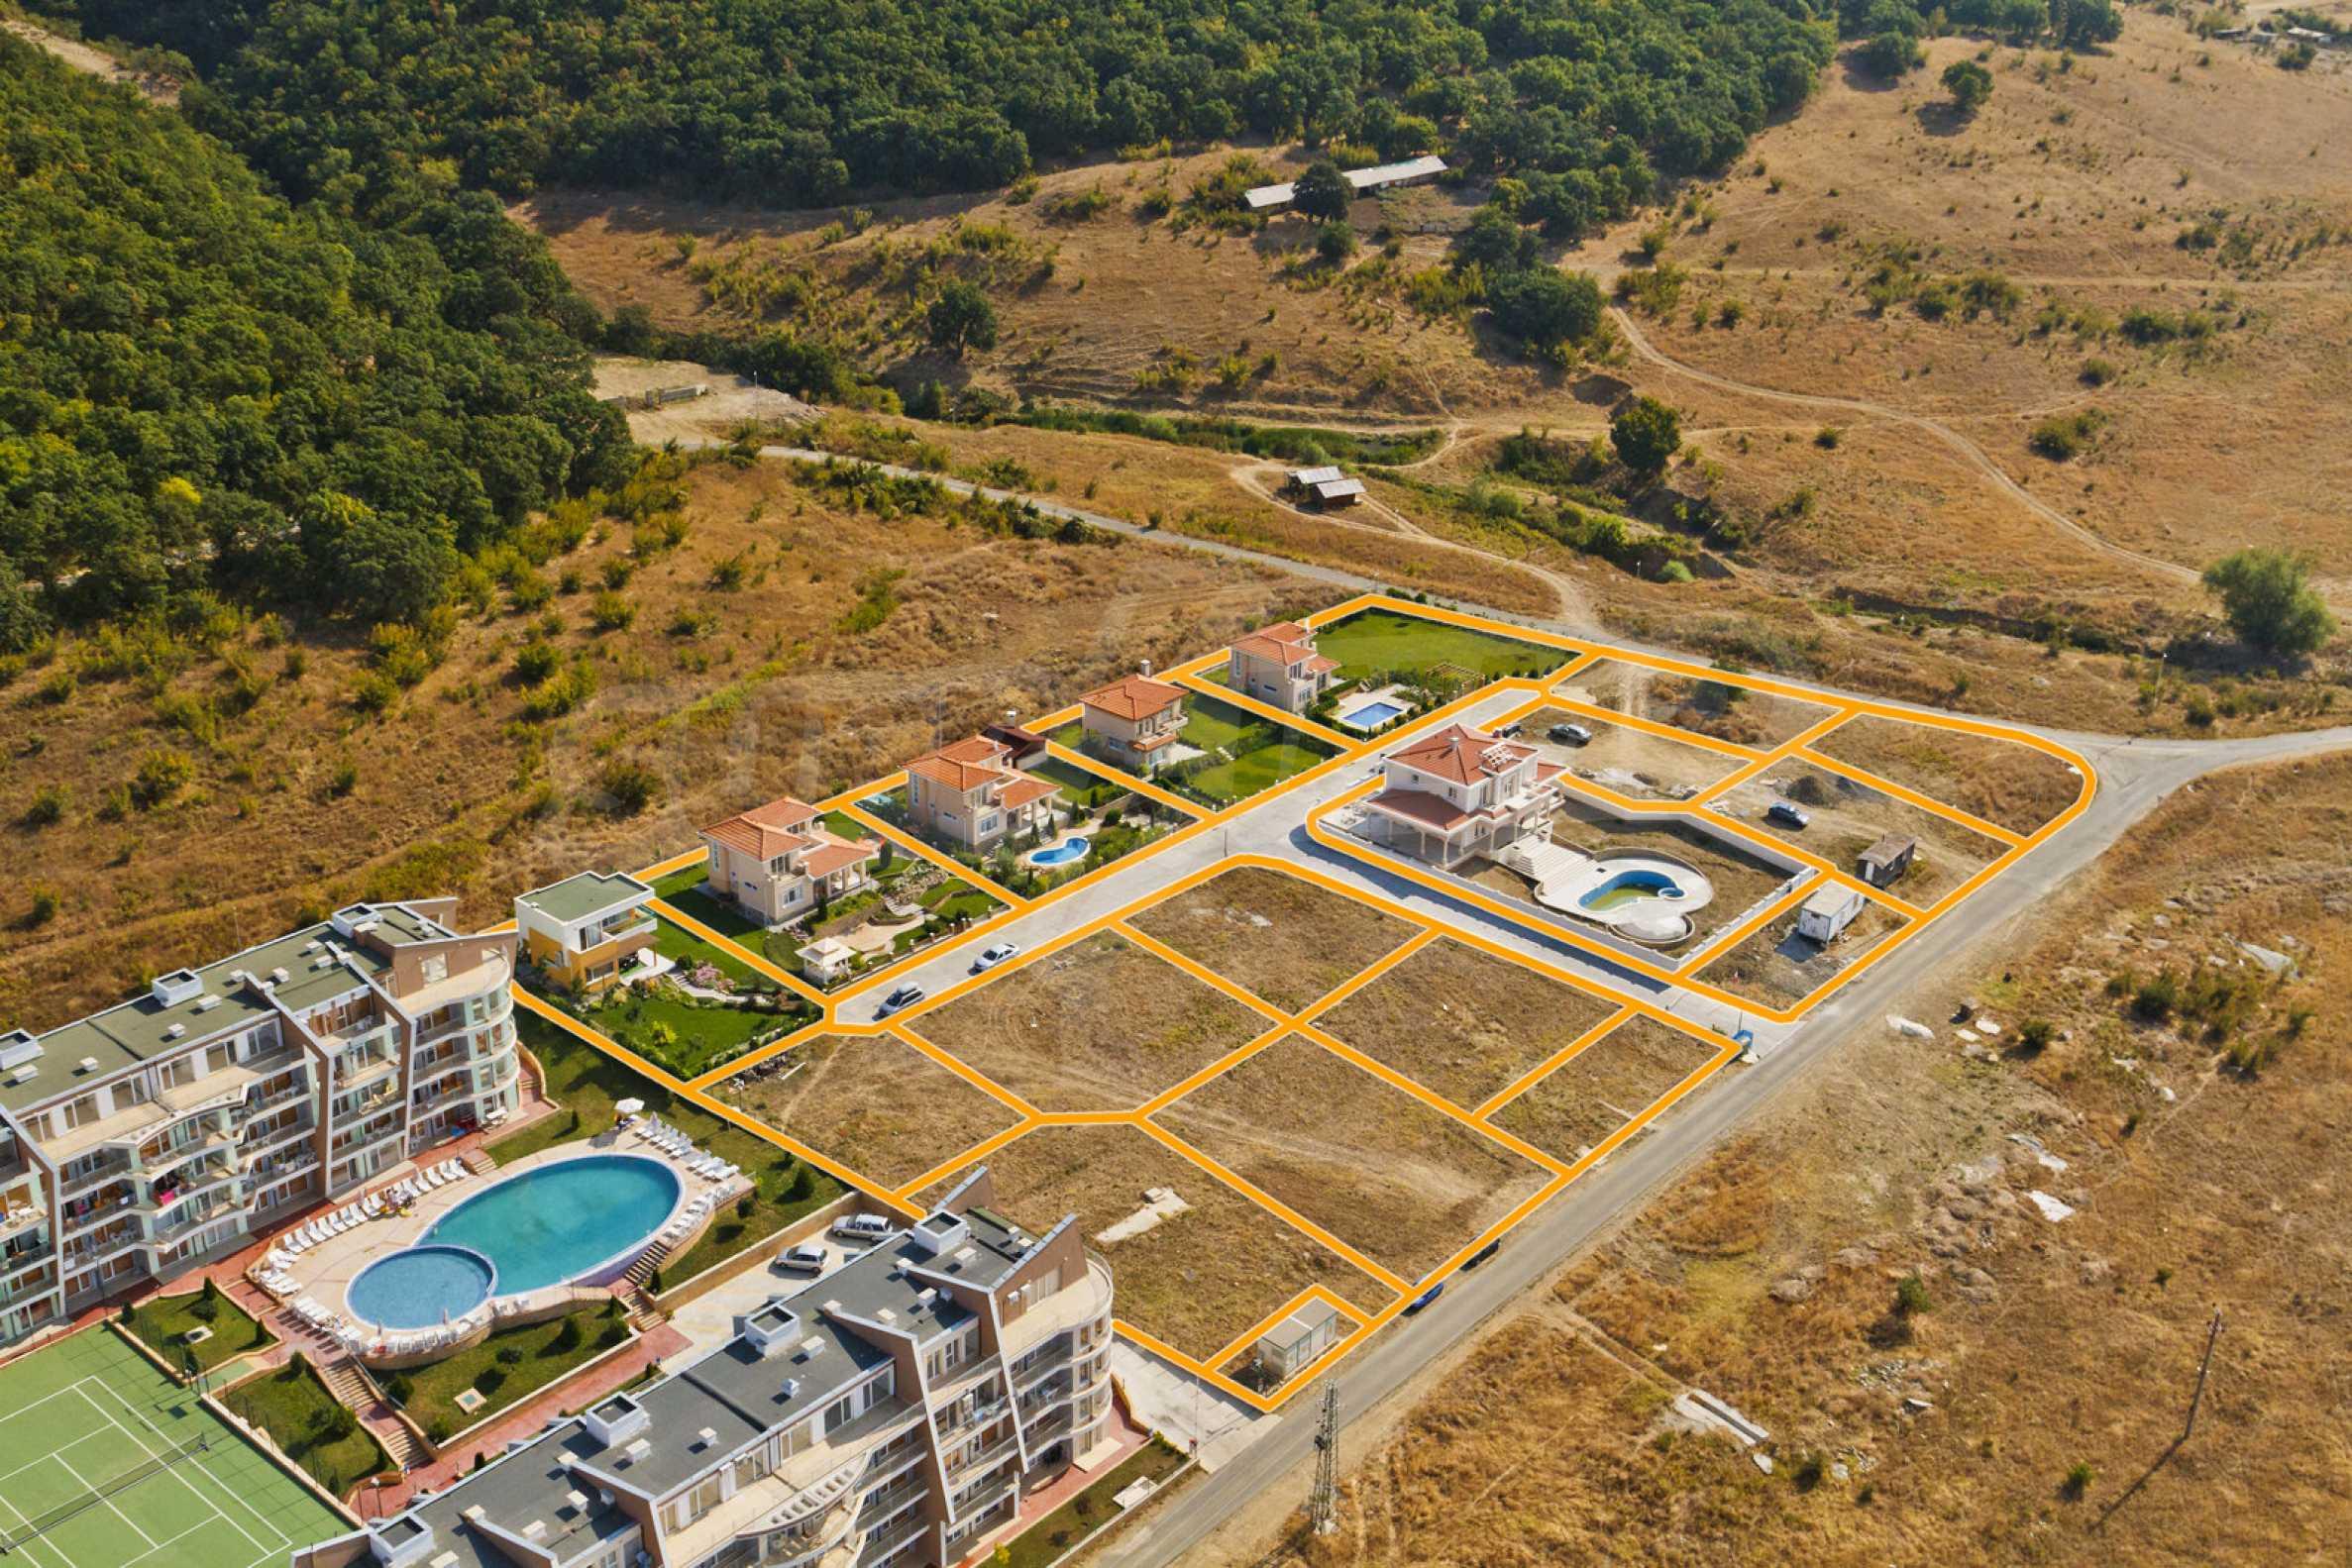 Erschlossene Grundstücke in der luxuriösen Villa-Siedlung SUNSET VILLAS 1